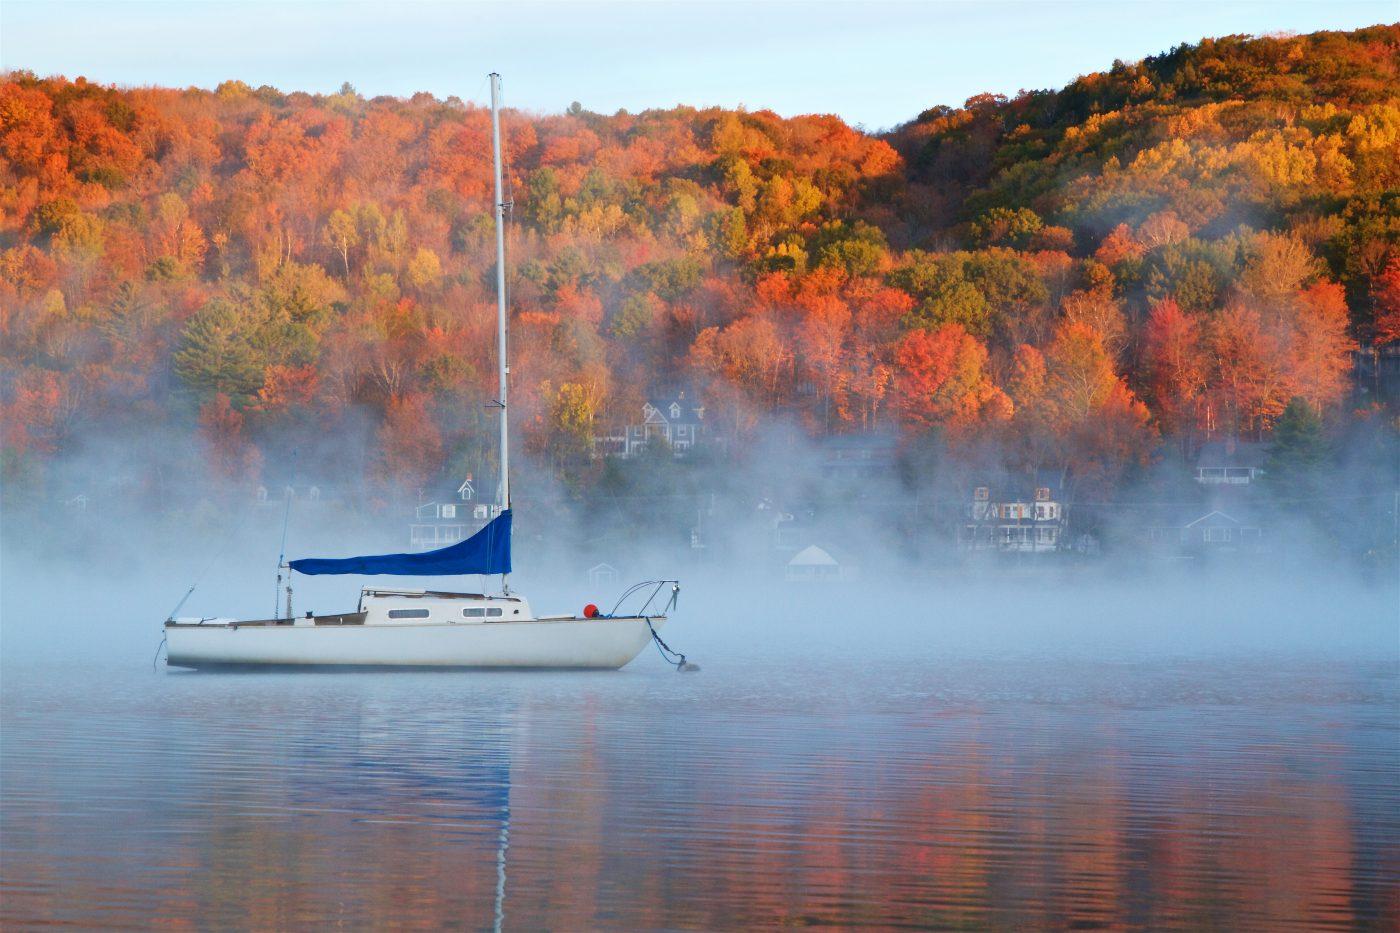 Voilier au milieu du lac Massawippi avec les arbres orangés aux couleurs d'automne